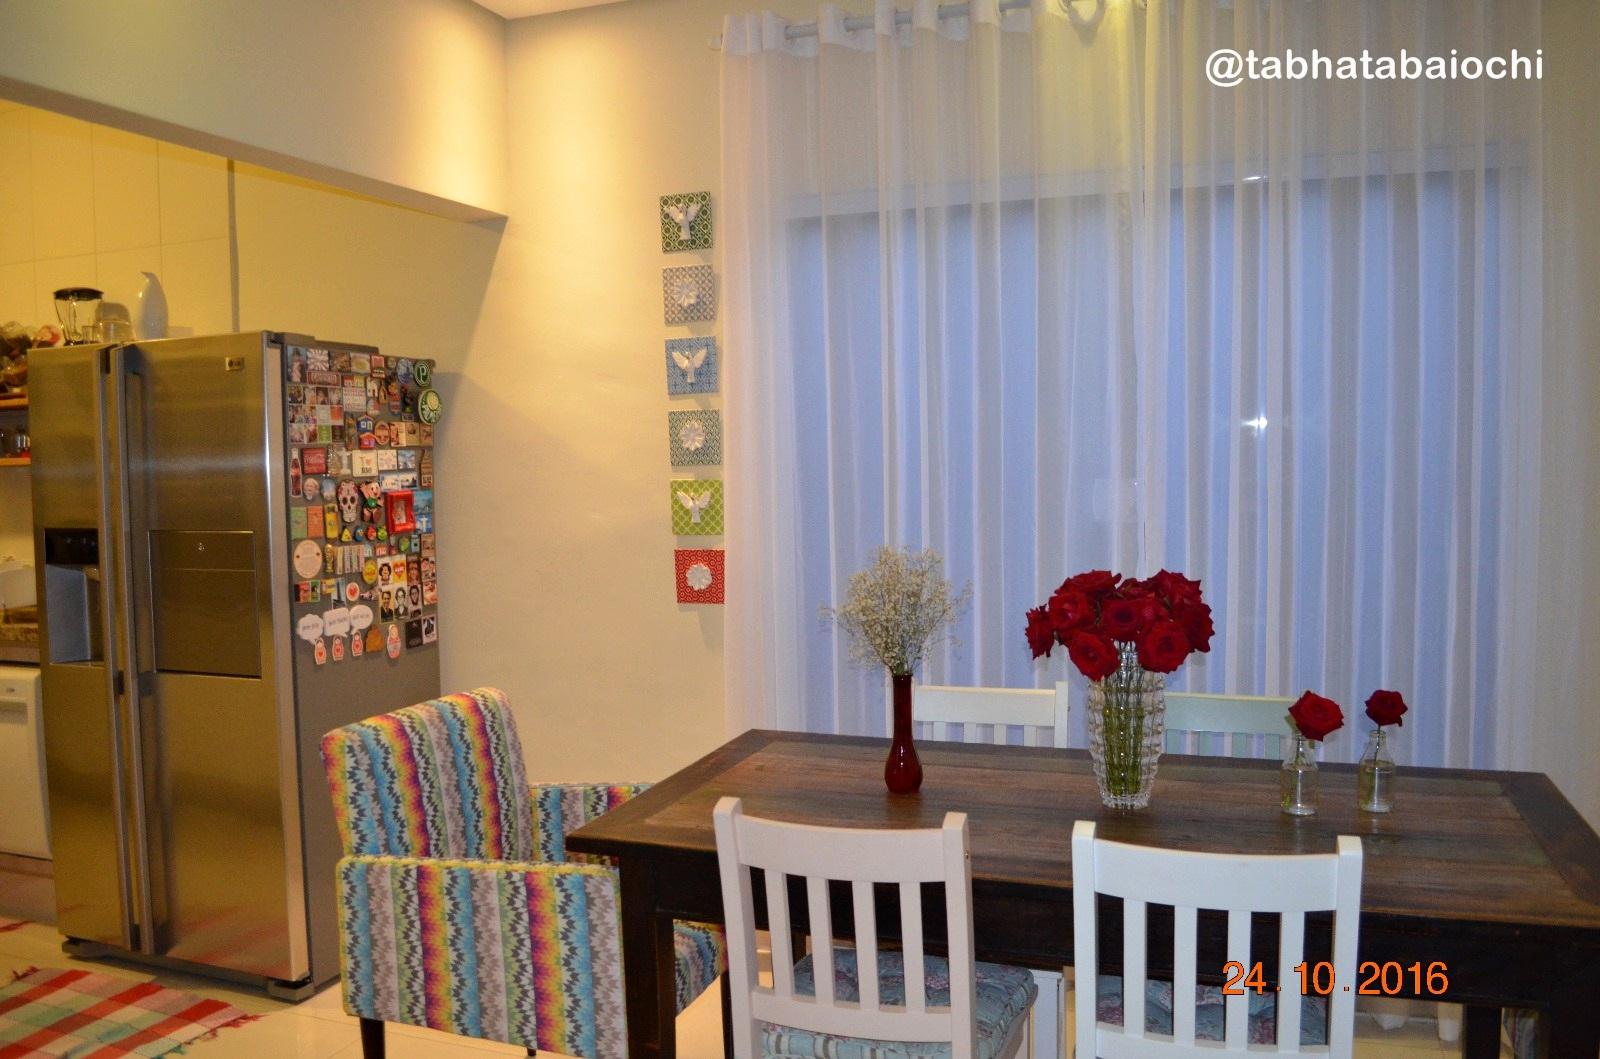 decoracao cozinha fofa : decoracao cozinha fofa:Vasos de flores sempre dão vida e alegria a decoração ainda mais